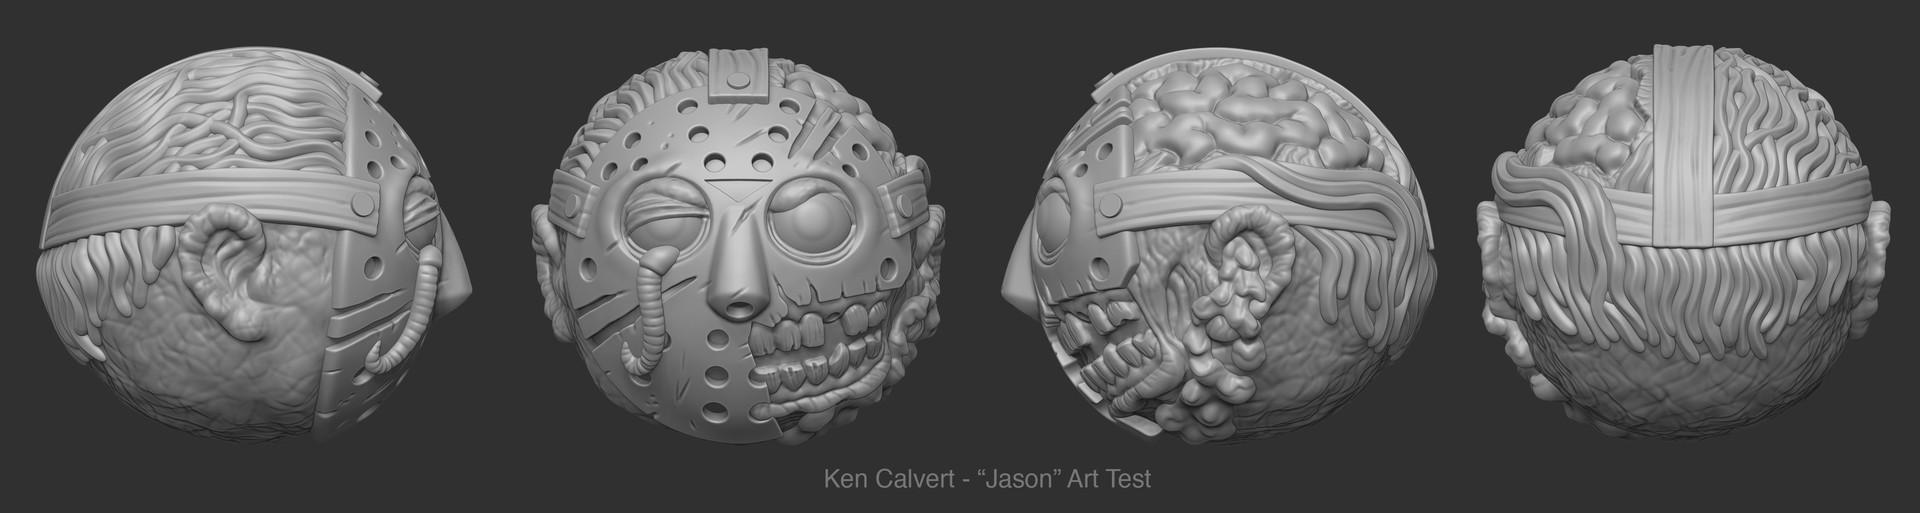 Ken calvert calvert test jason lineup